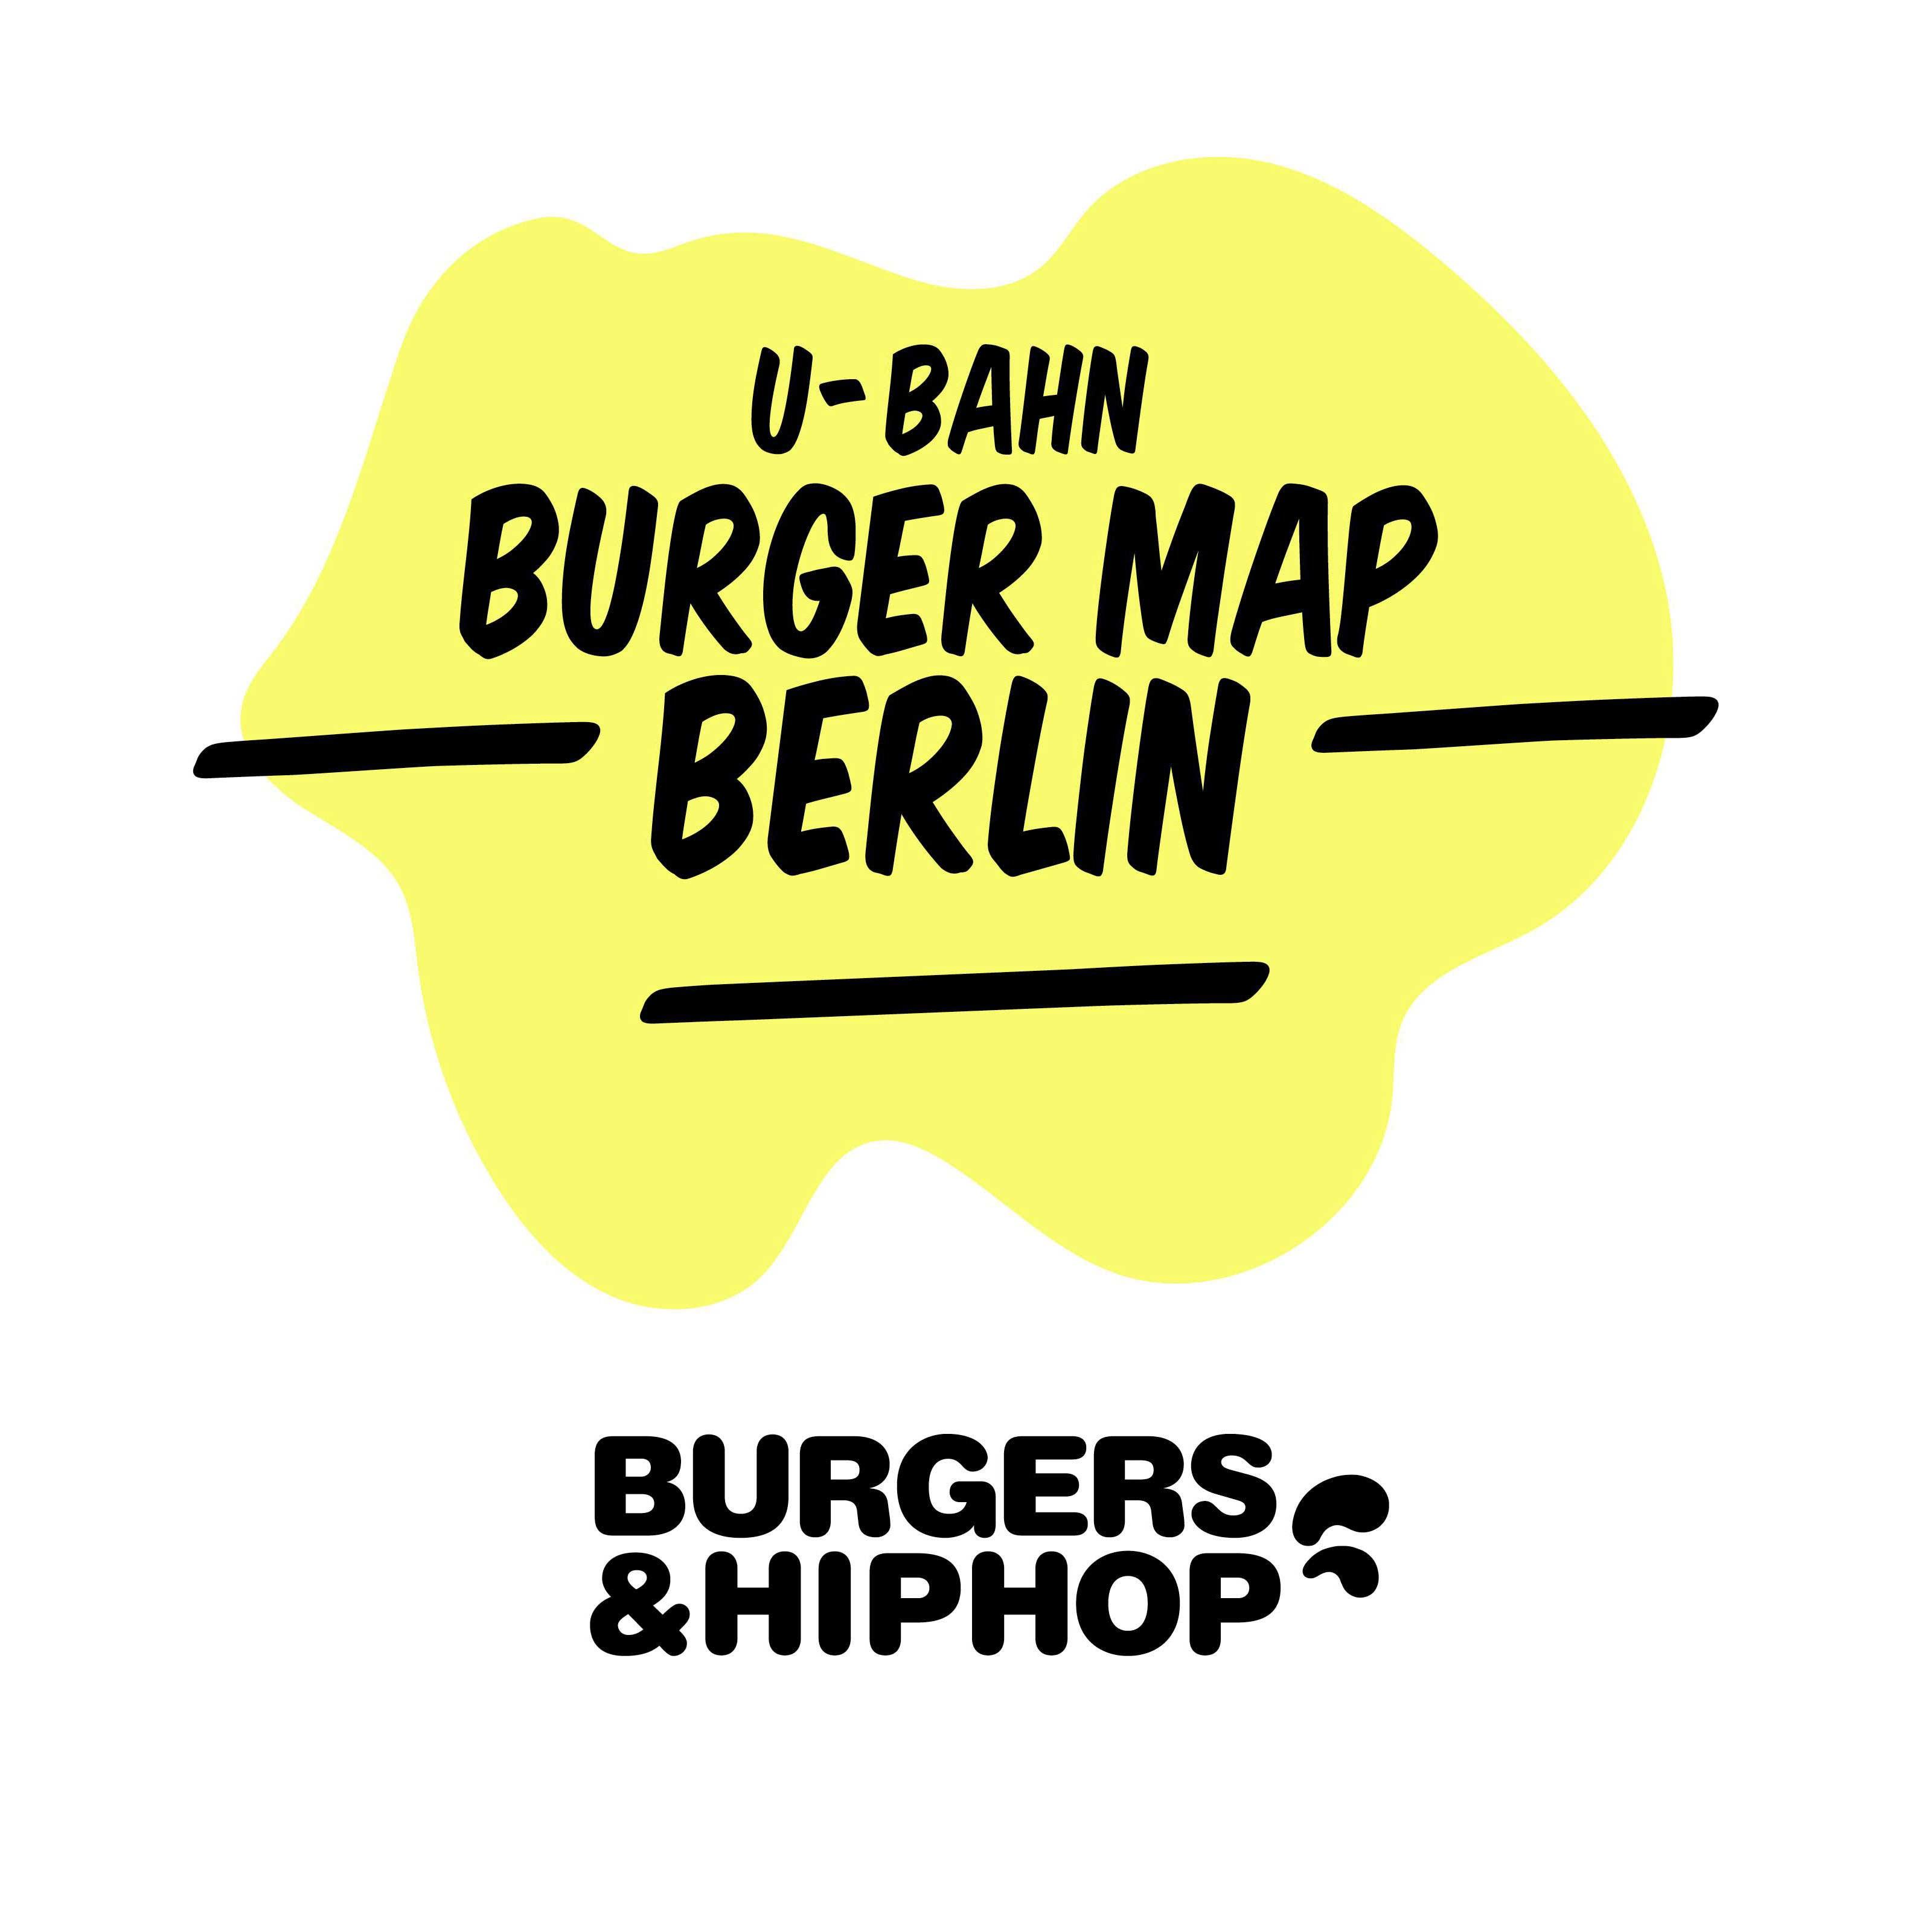 BURGERS & HIP HOP